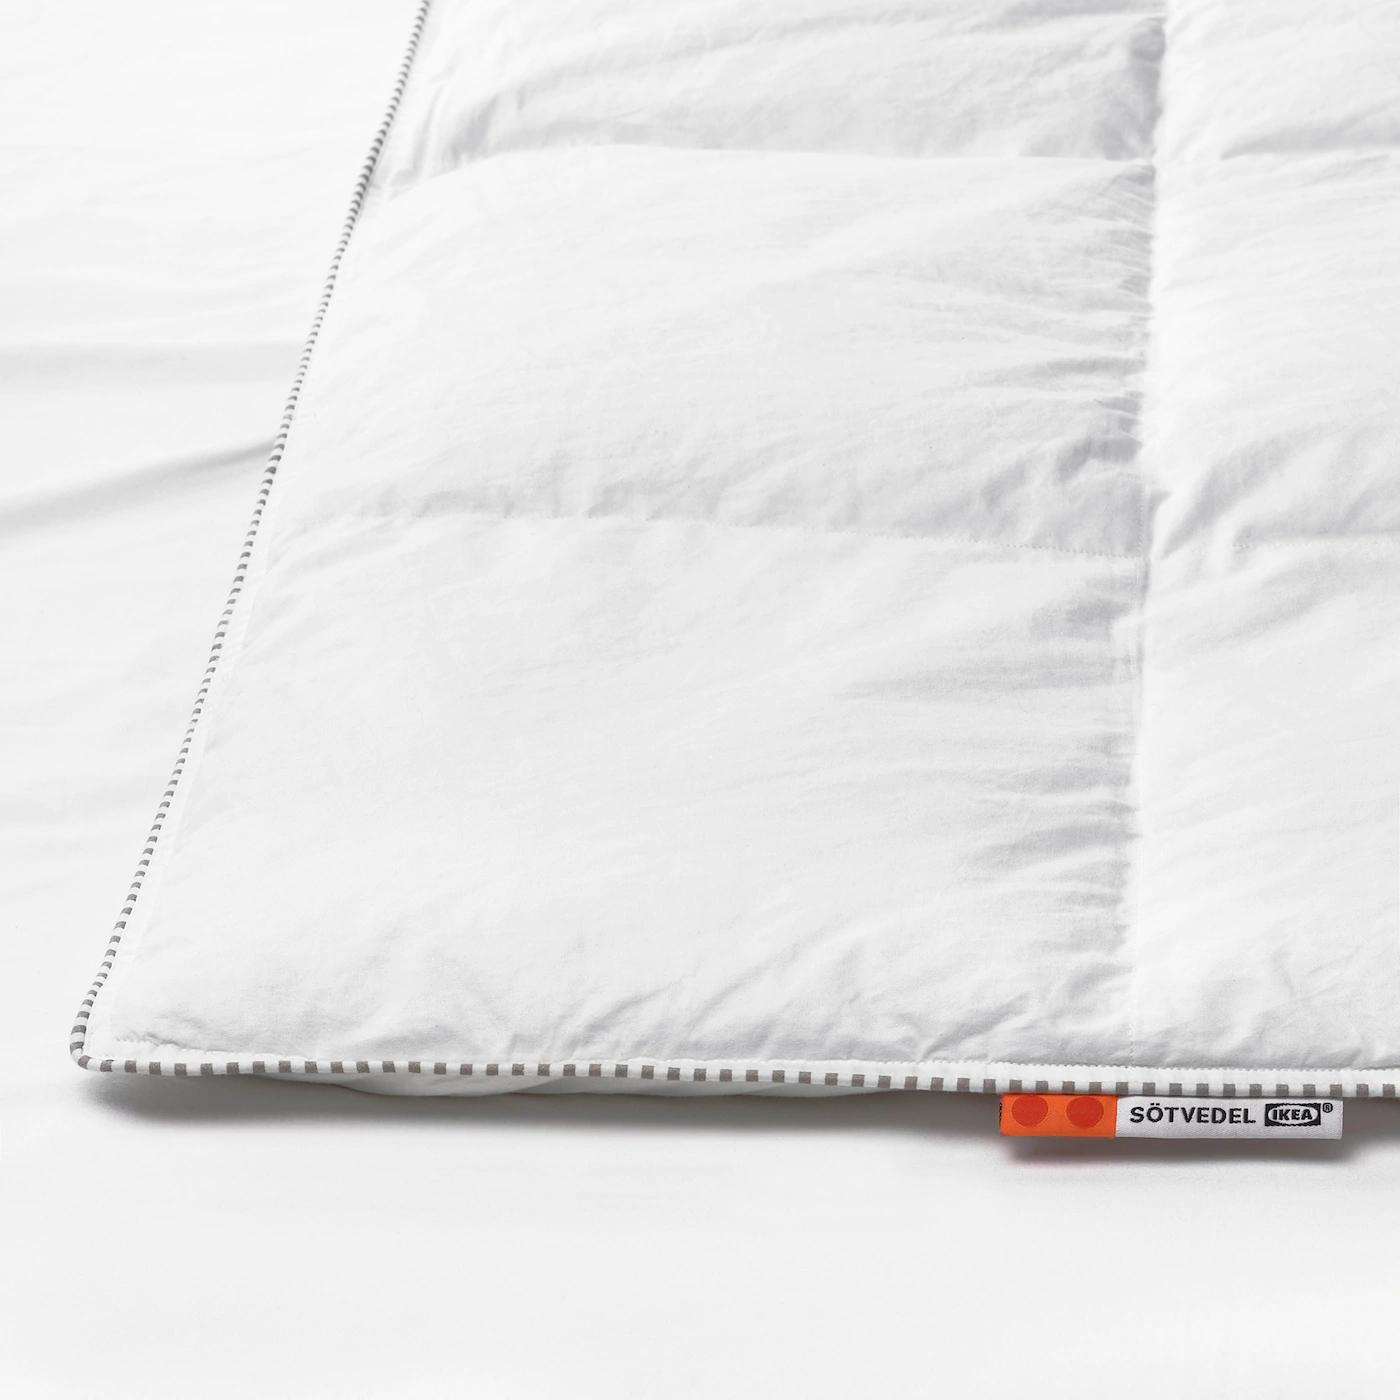 Ikea kołdra SÖTVEDEL, puch i pierze, 150x200, bardzo ciepła